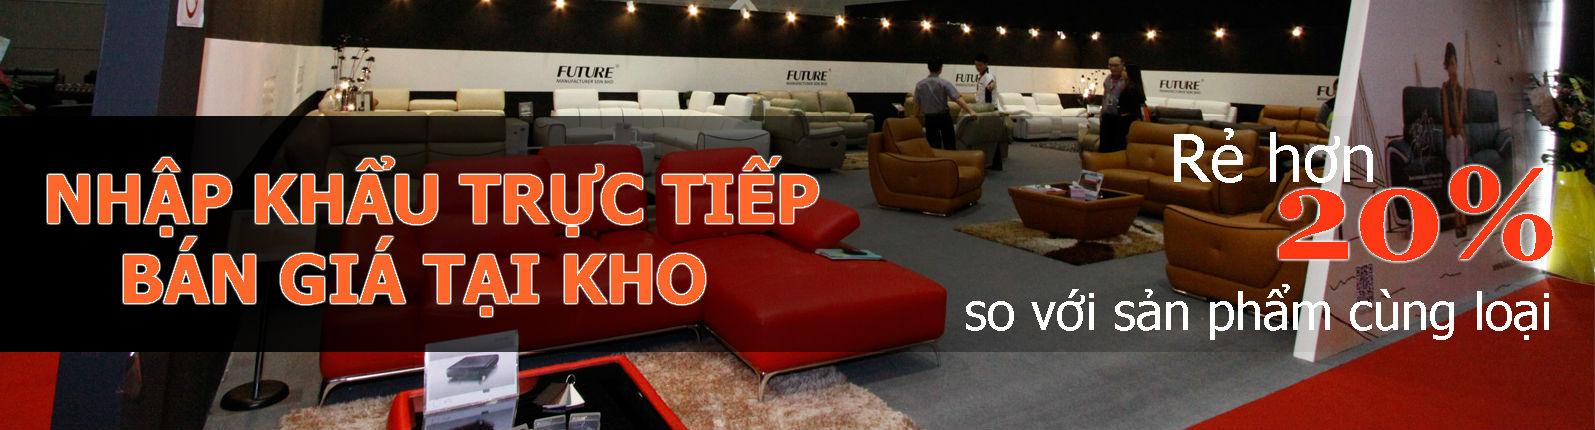 Sofa băng da Future Model 9904(1+2+3) giảm giá 40% saigonsofa.com